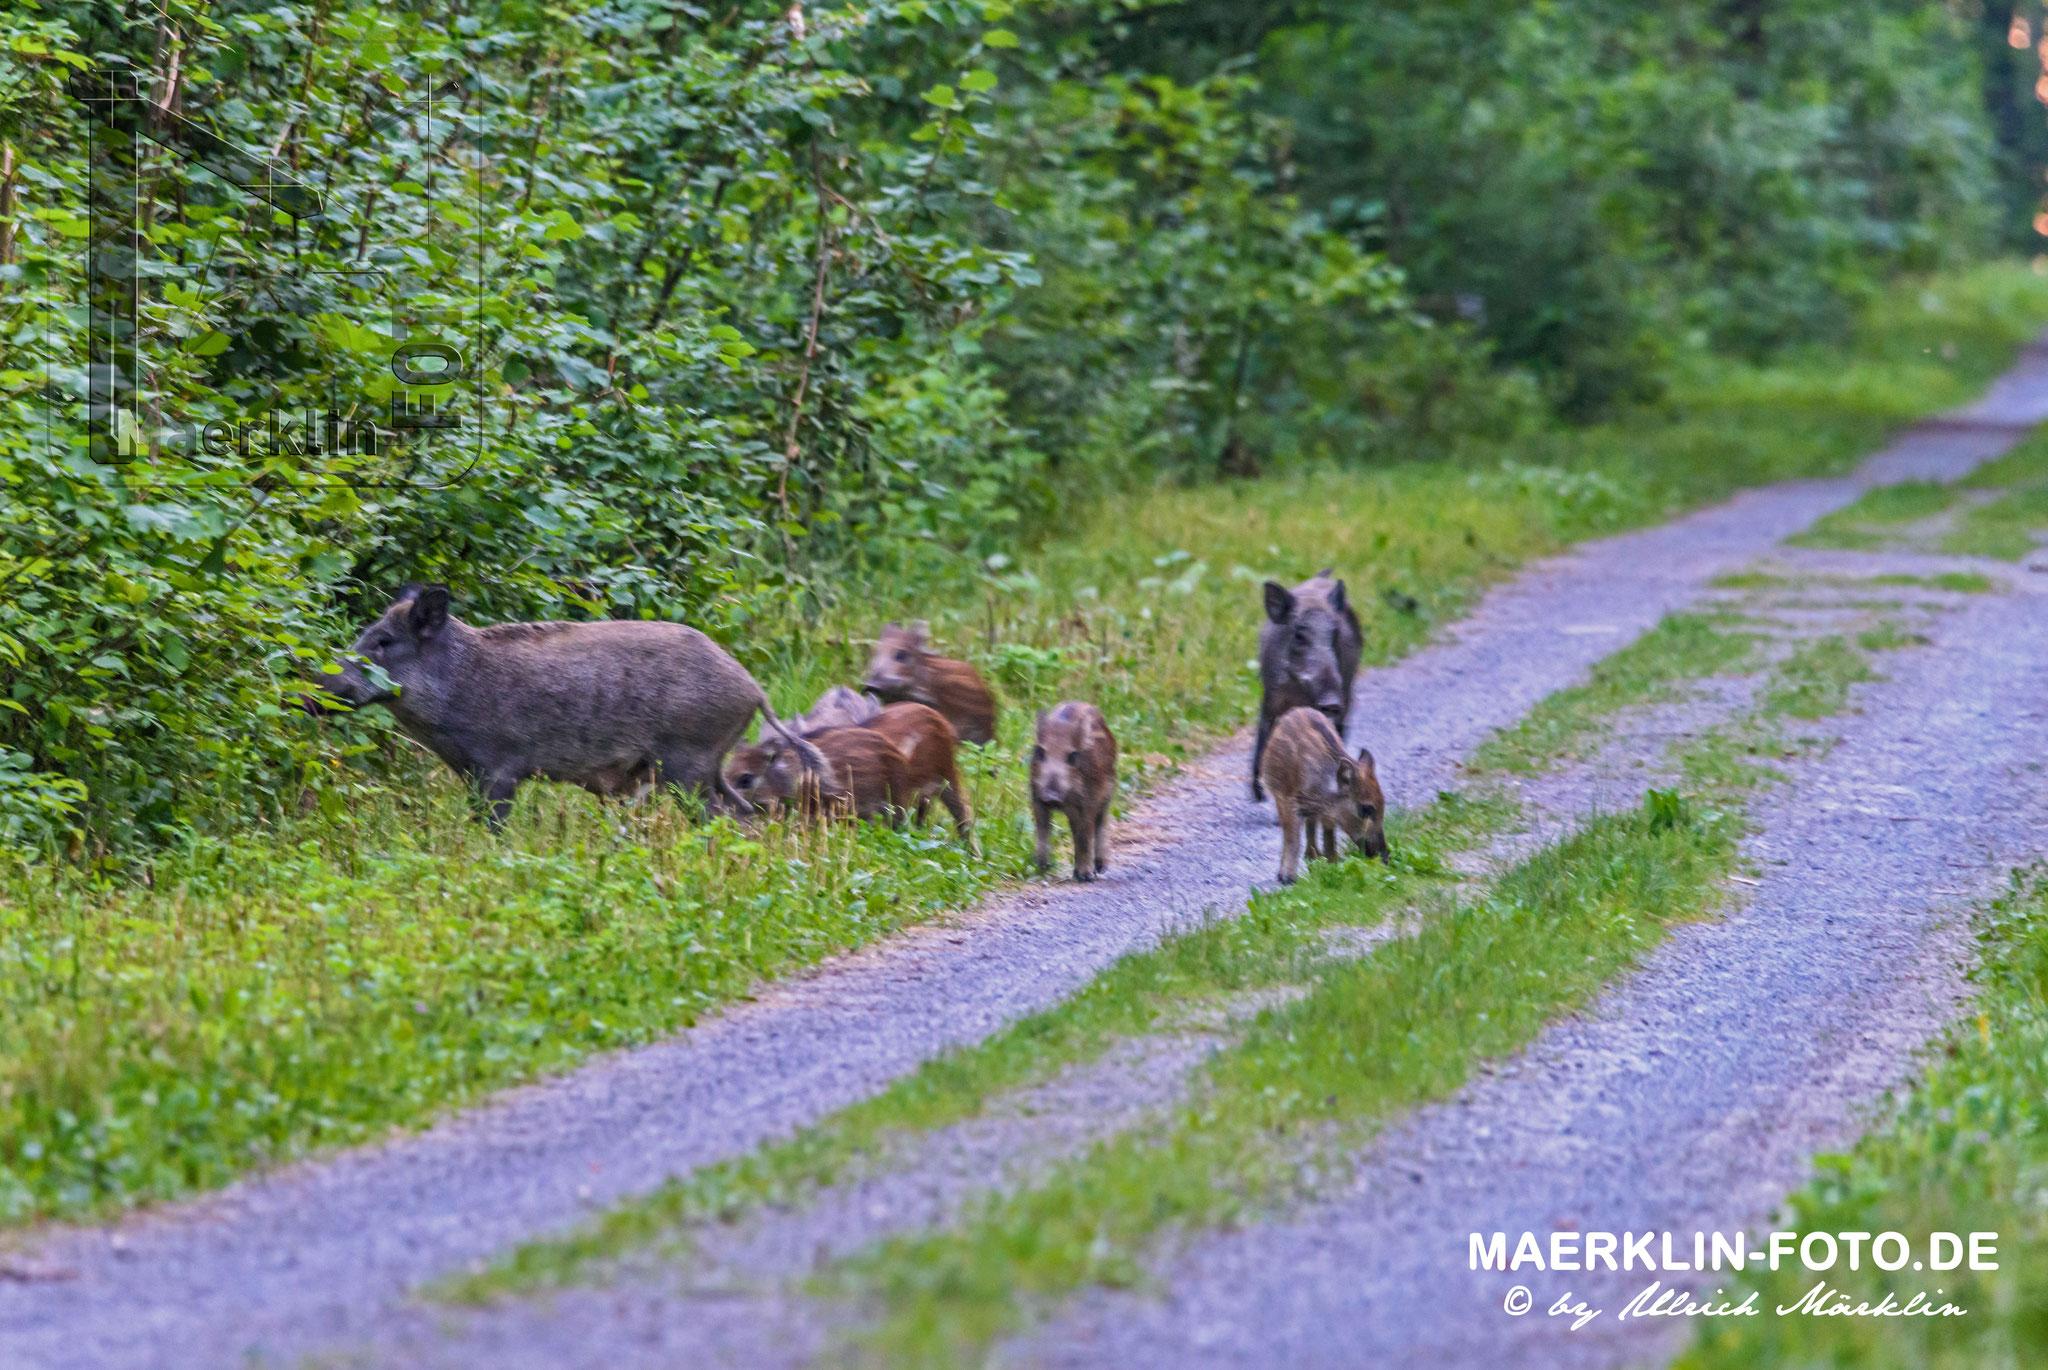 Wildschweine (Sus scrofa), Heckengäu